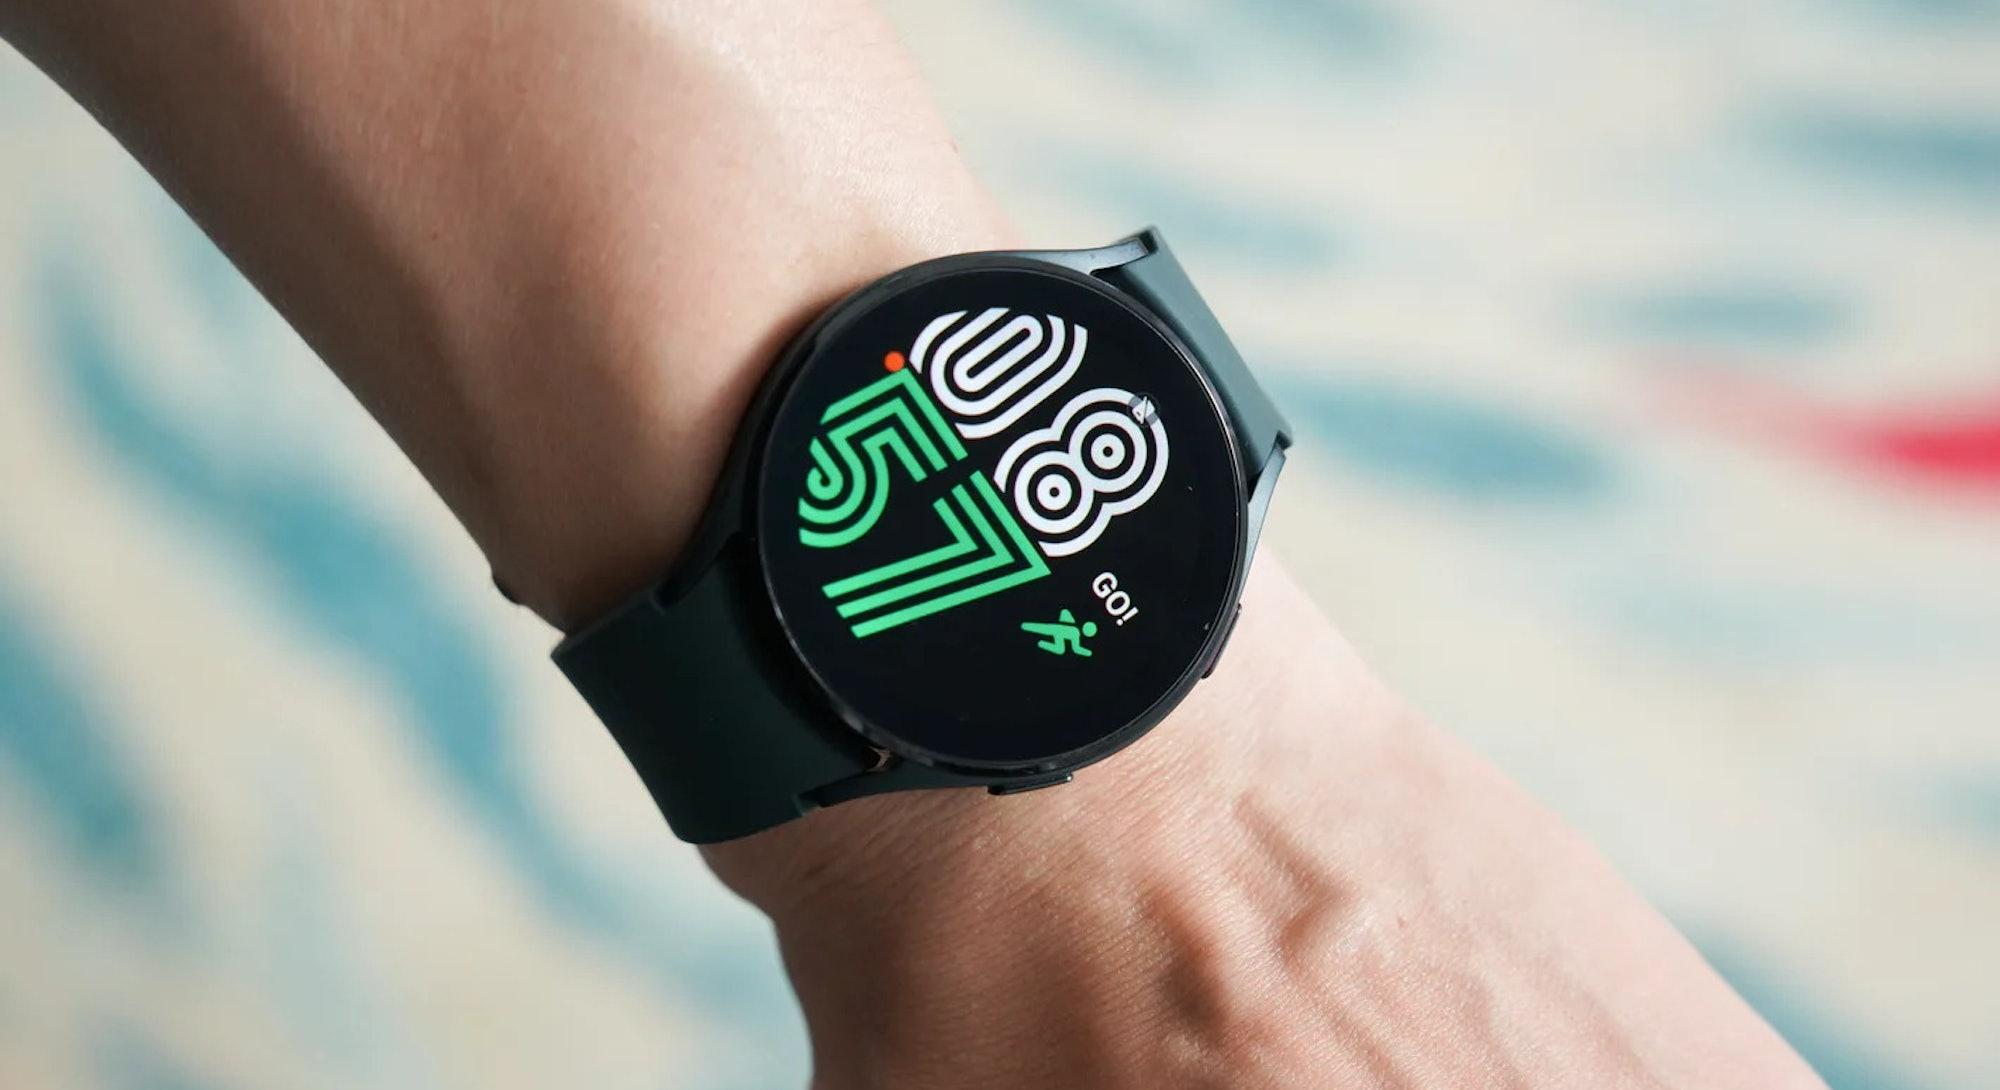 Samsung Galaxy Watch 4 with new Wear OS 3